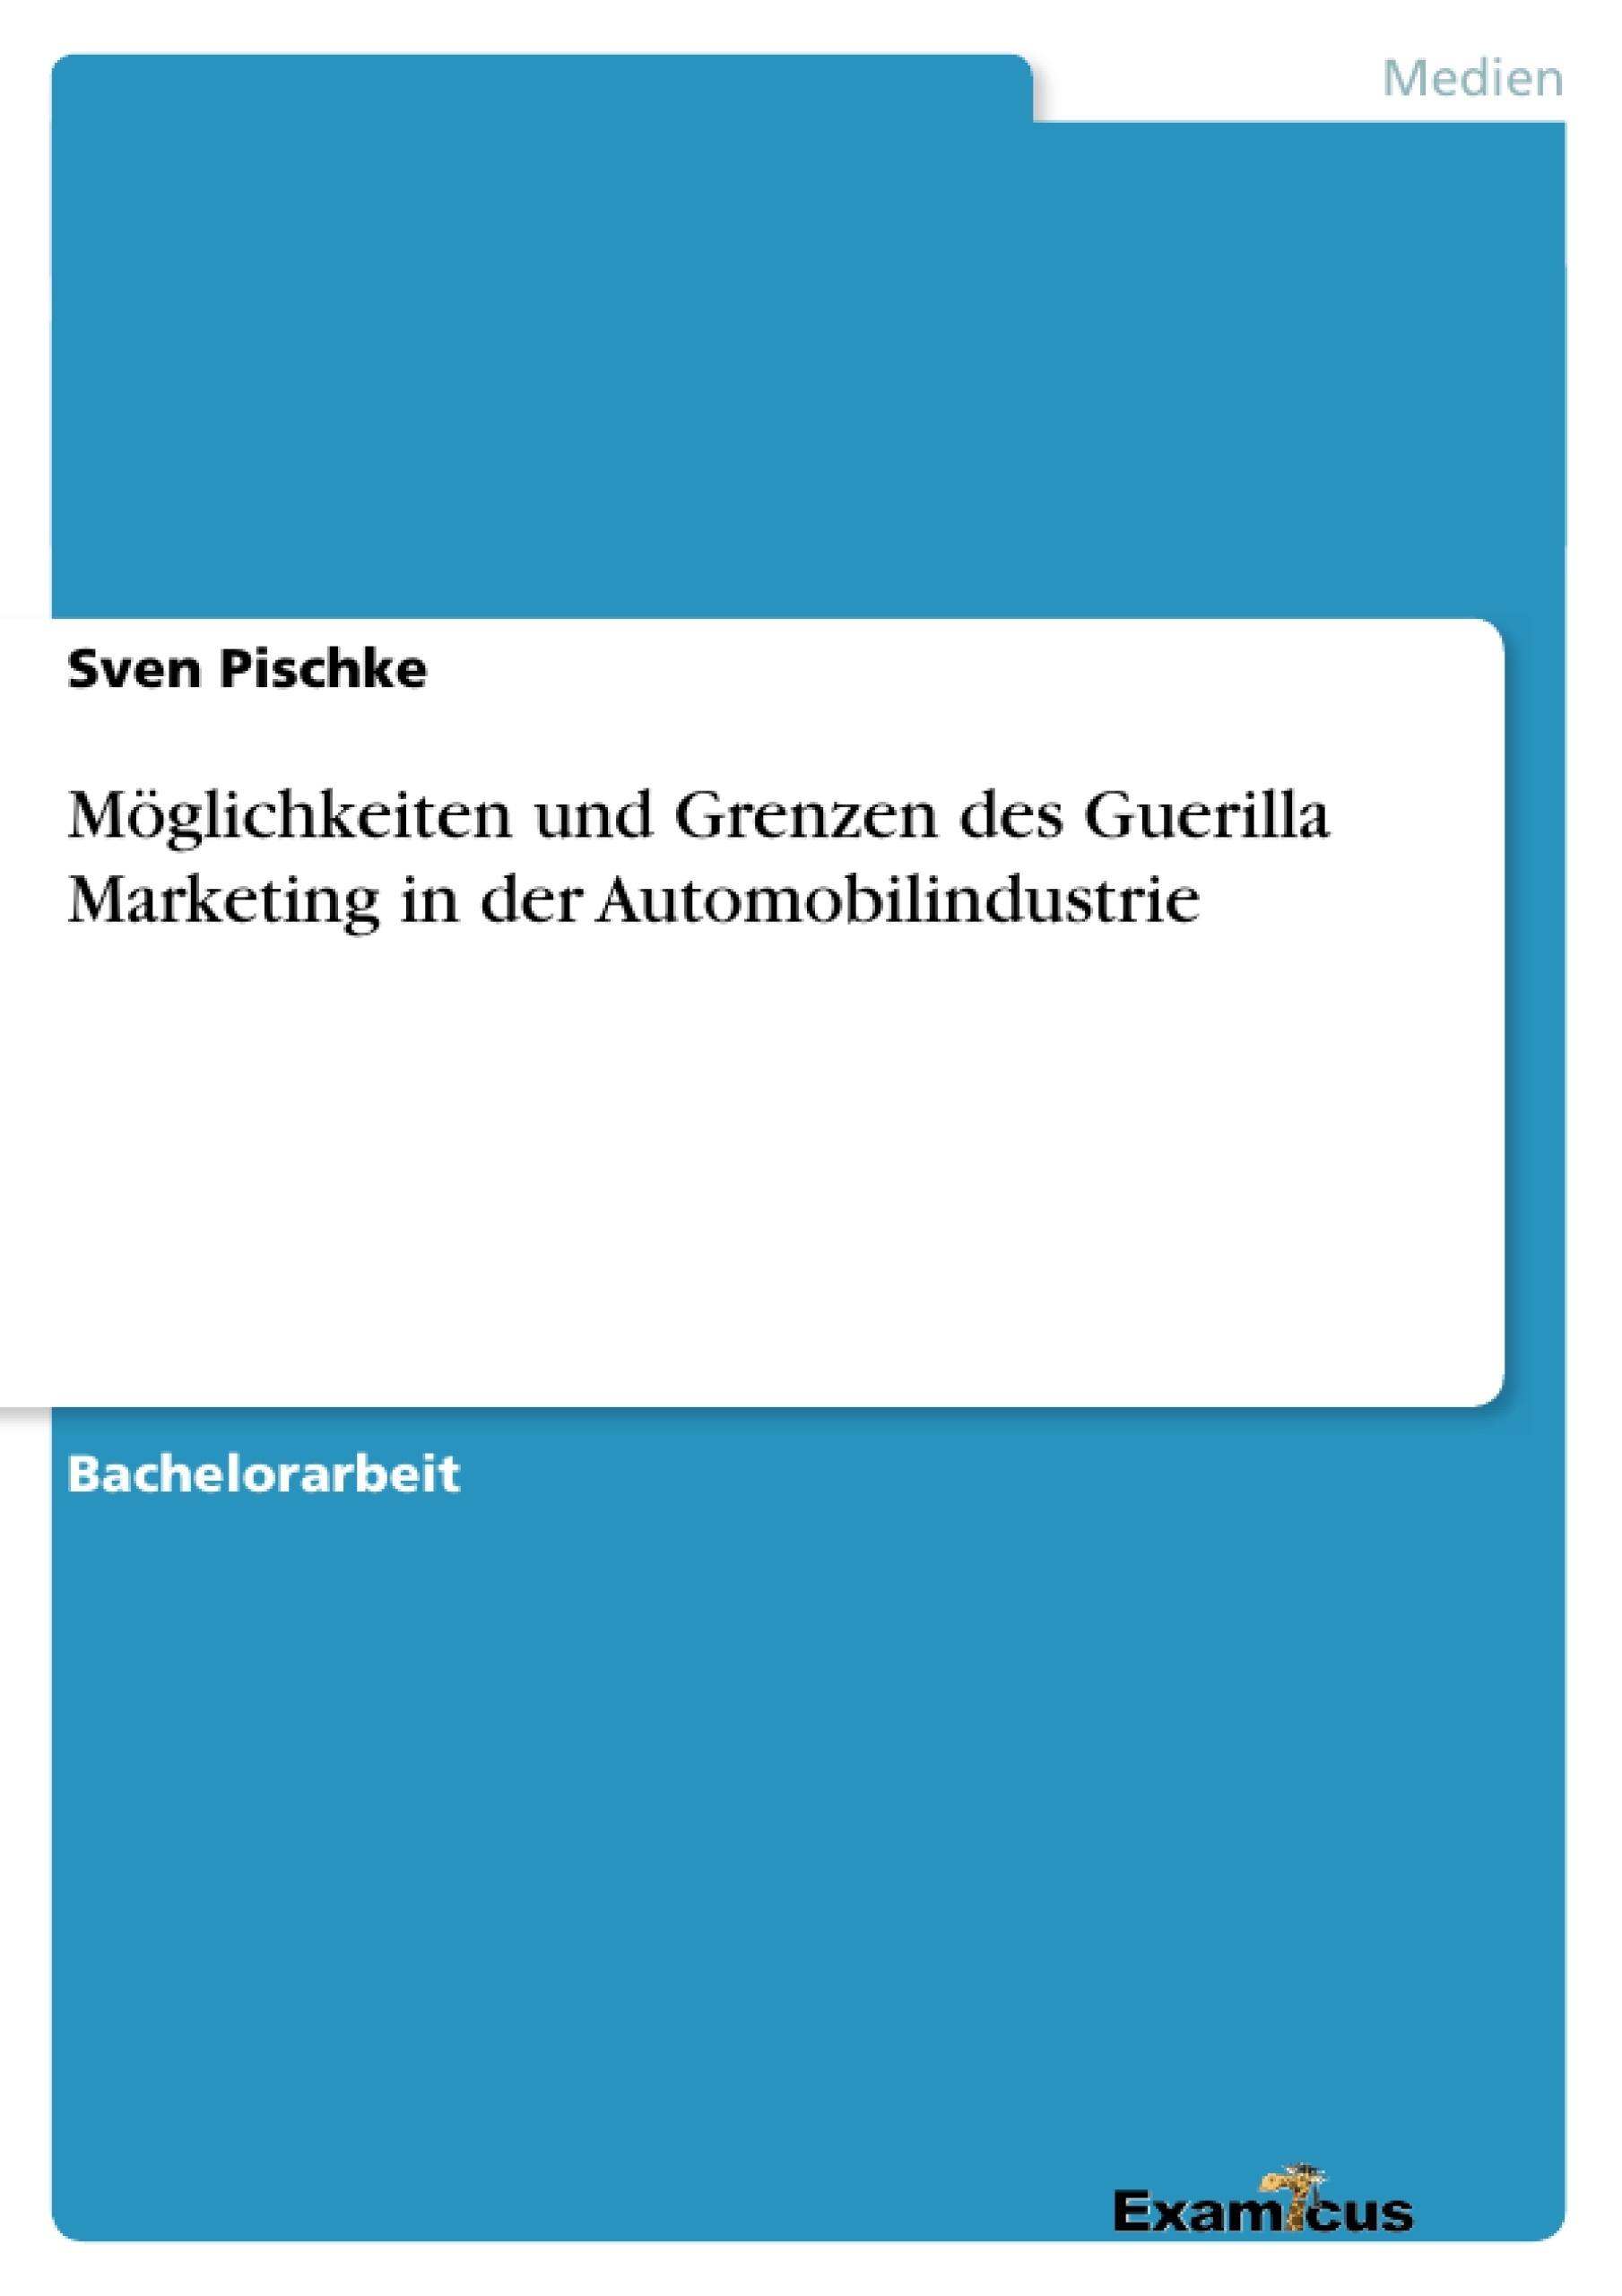 Titel: Möglichkeiten und Grenzen des Guerilla Marketing in der Automobilindustrie